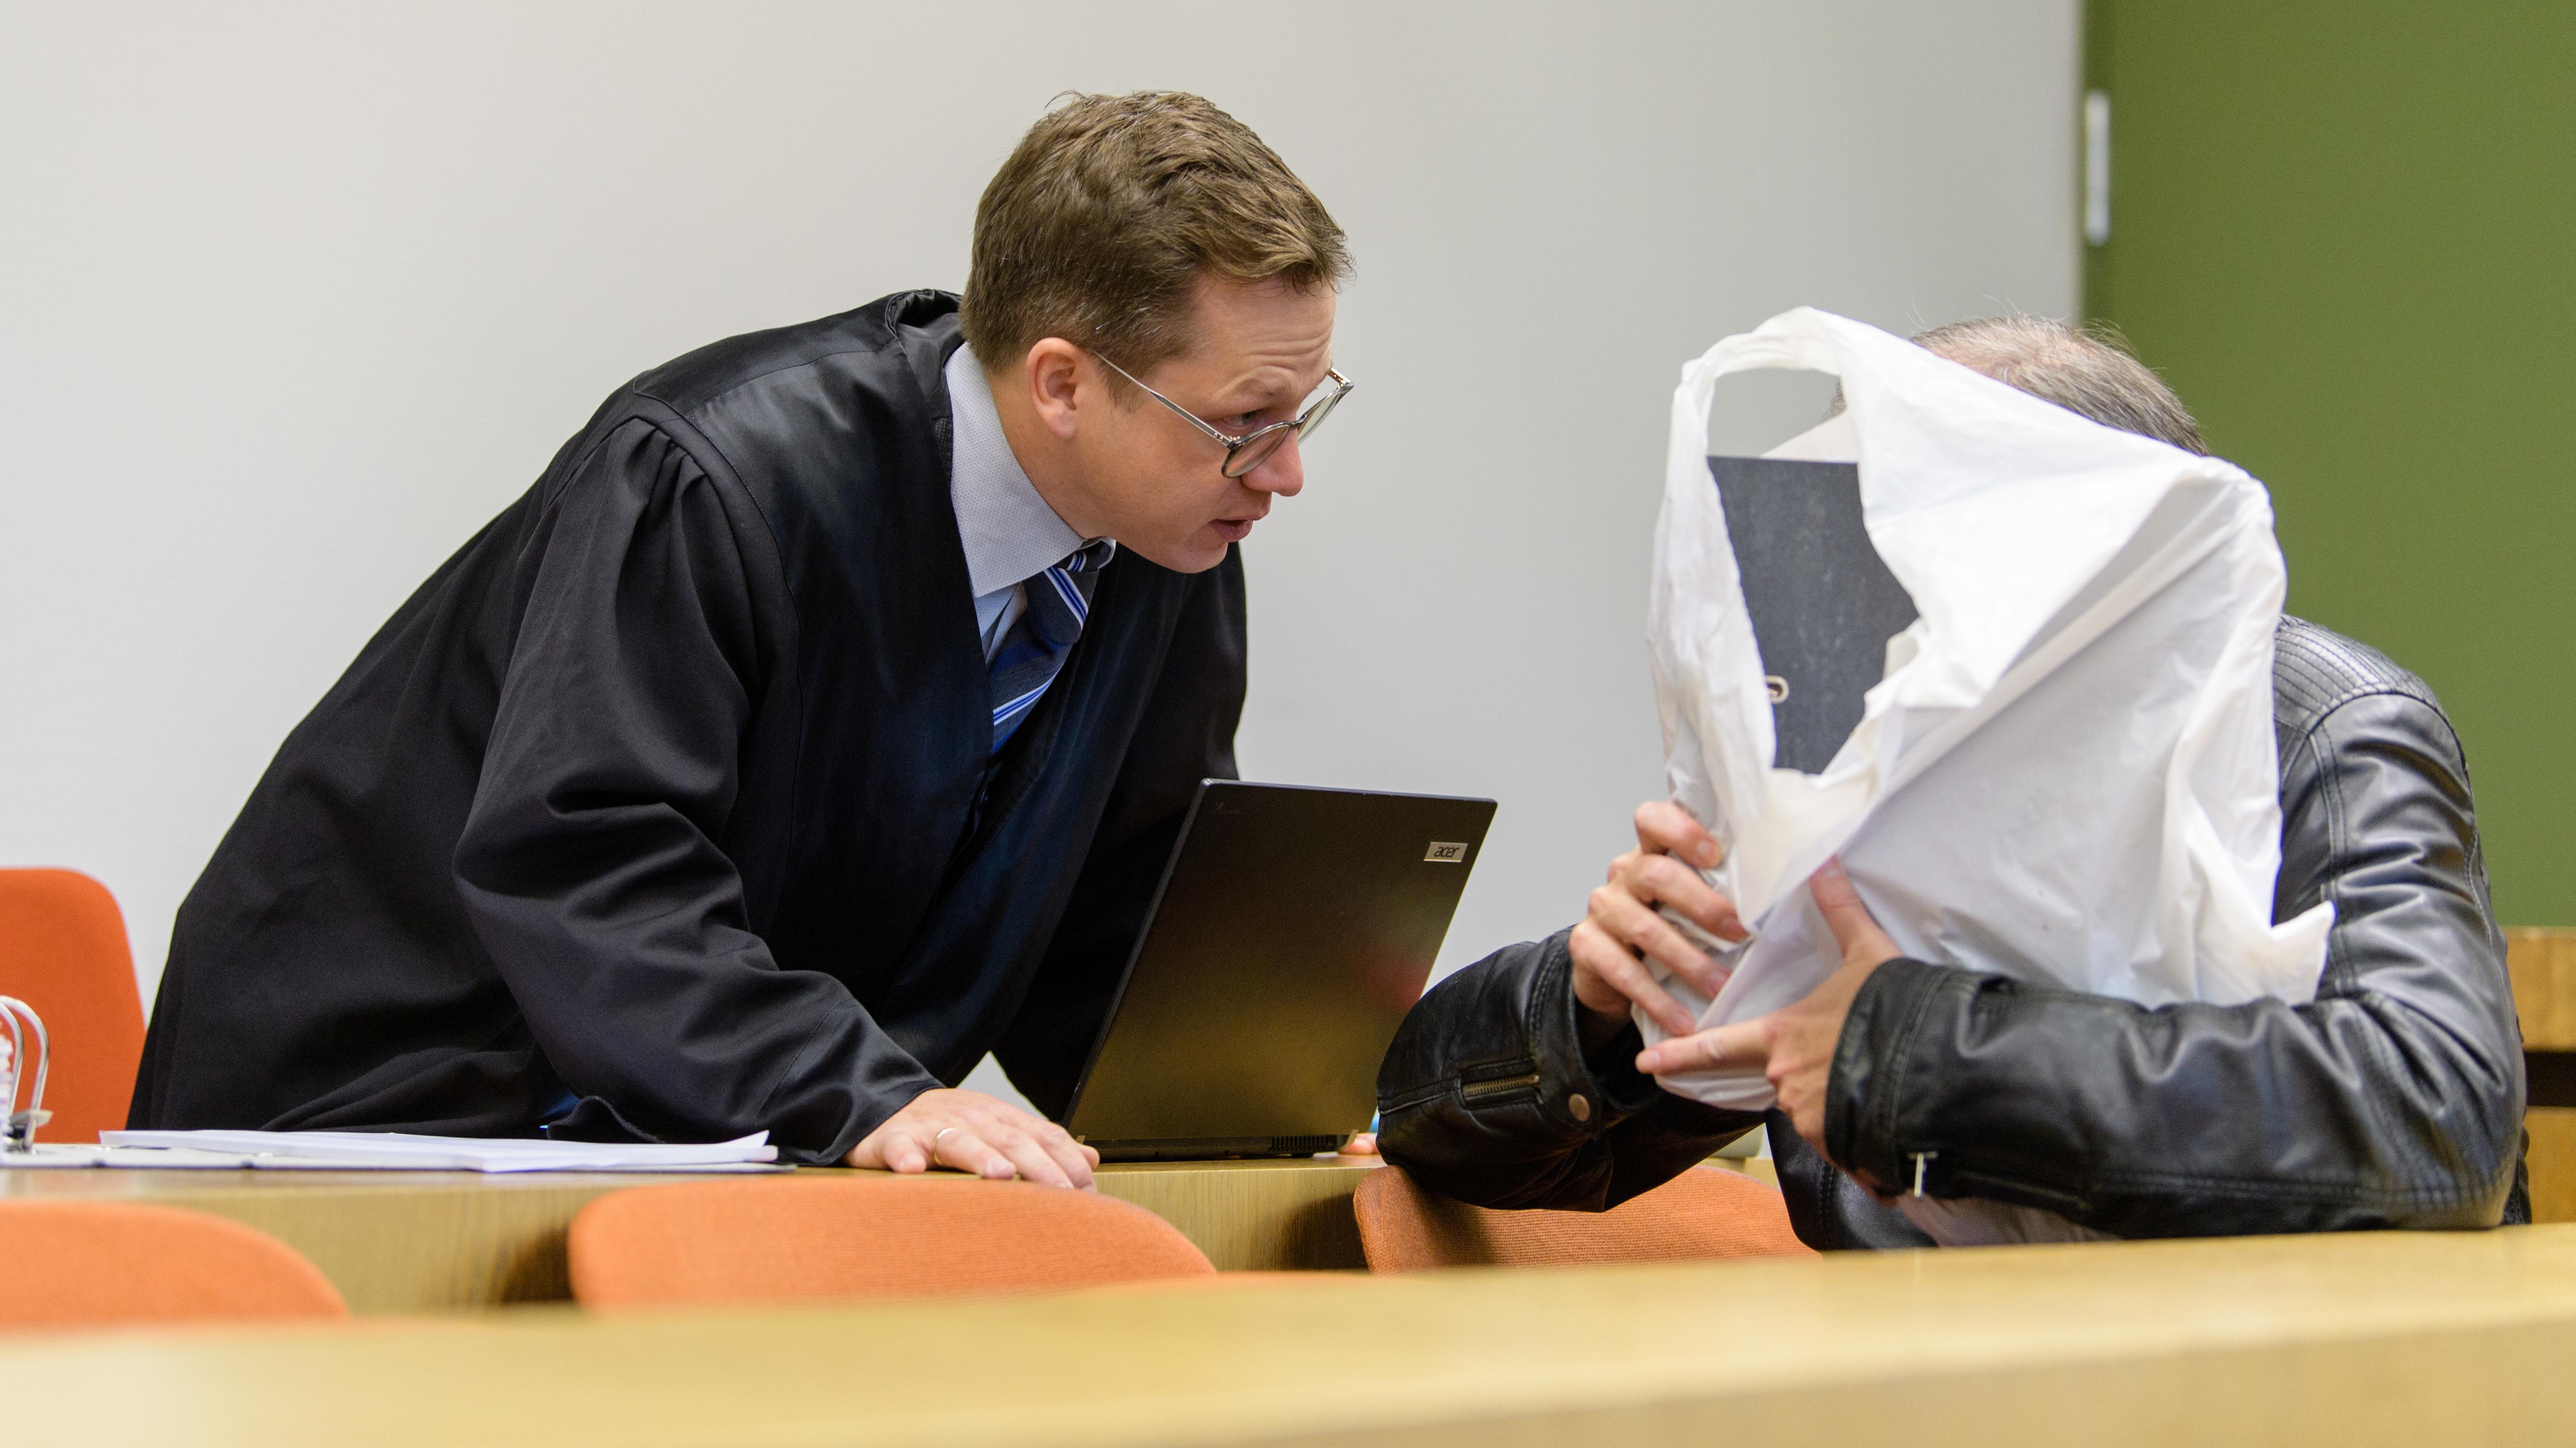 München: Ein wegen millionenschweren Betrugs und Hochstaplerei angeklagter Mann unterhält sich vor seinem Prozess mit seinem Rechtsanwalt.